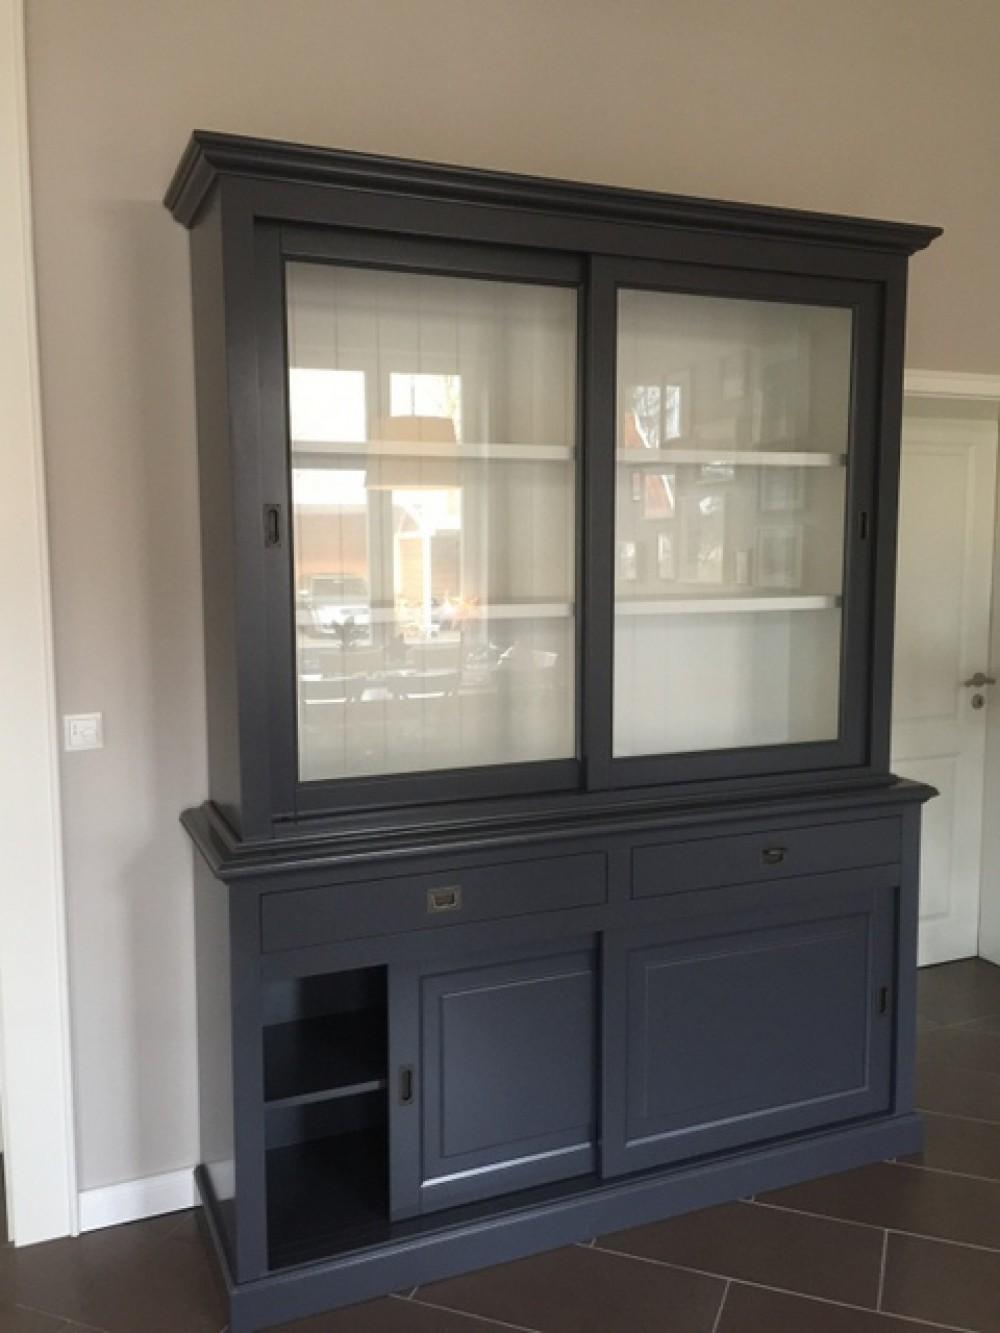 buffetschrank grau geschirrschrank grau schrank grau. Black Bedroom Furniture Sets. Home Design Ideas